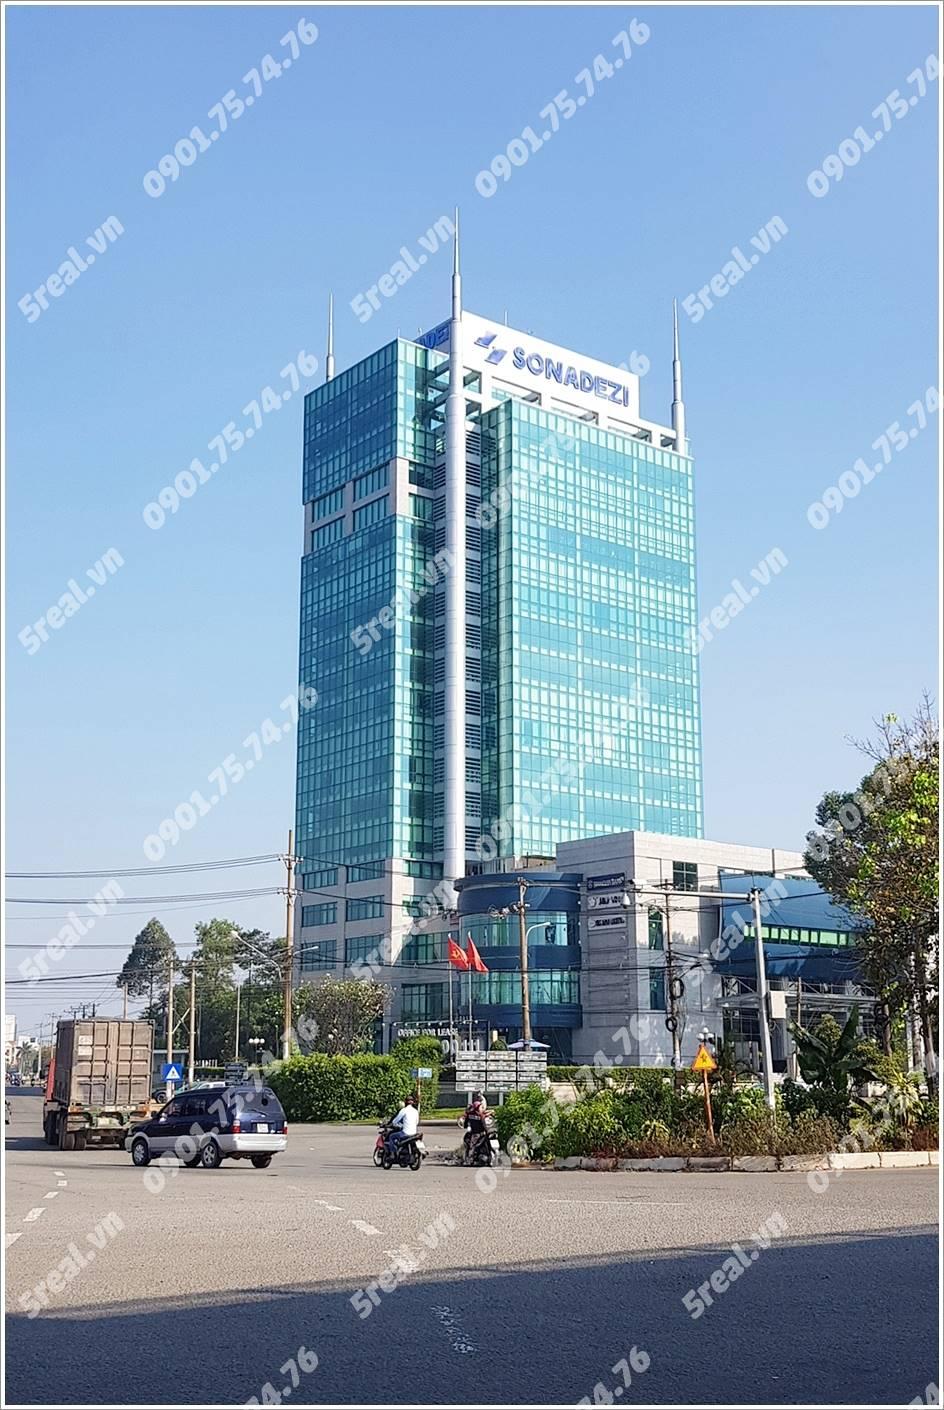 sonadezi-tower-bien-hoa-dong-nai-van-phong-cho-thue-5real.vn-01